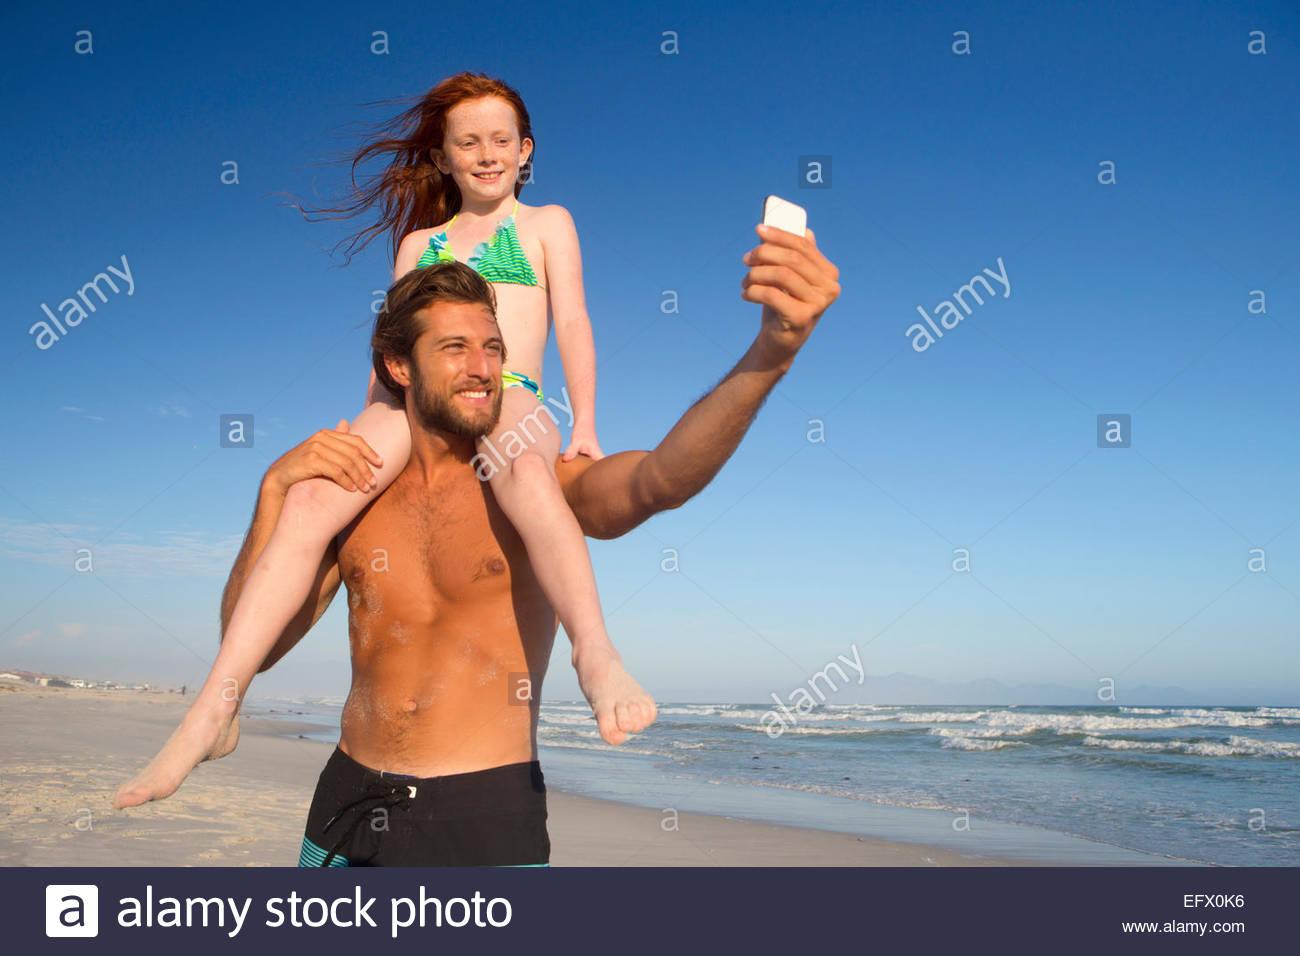 Padre e figlia con seduta sulle spalle, tenendo selfie di sunny beach Immagini Stock